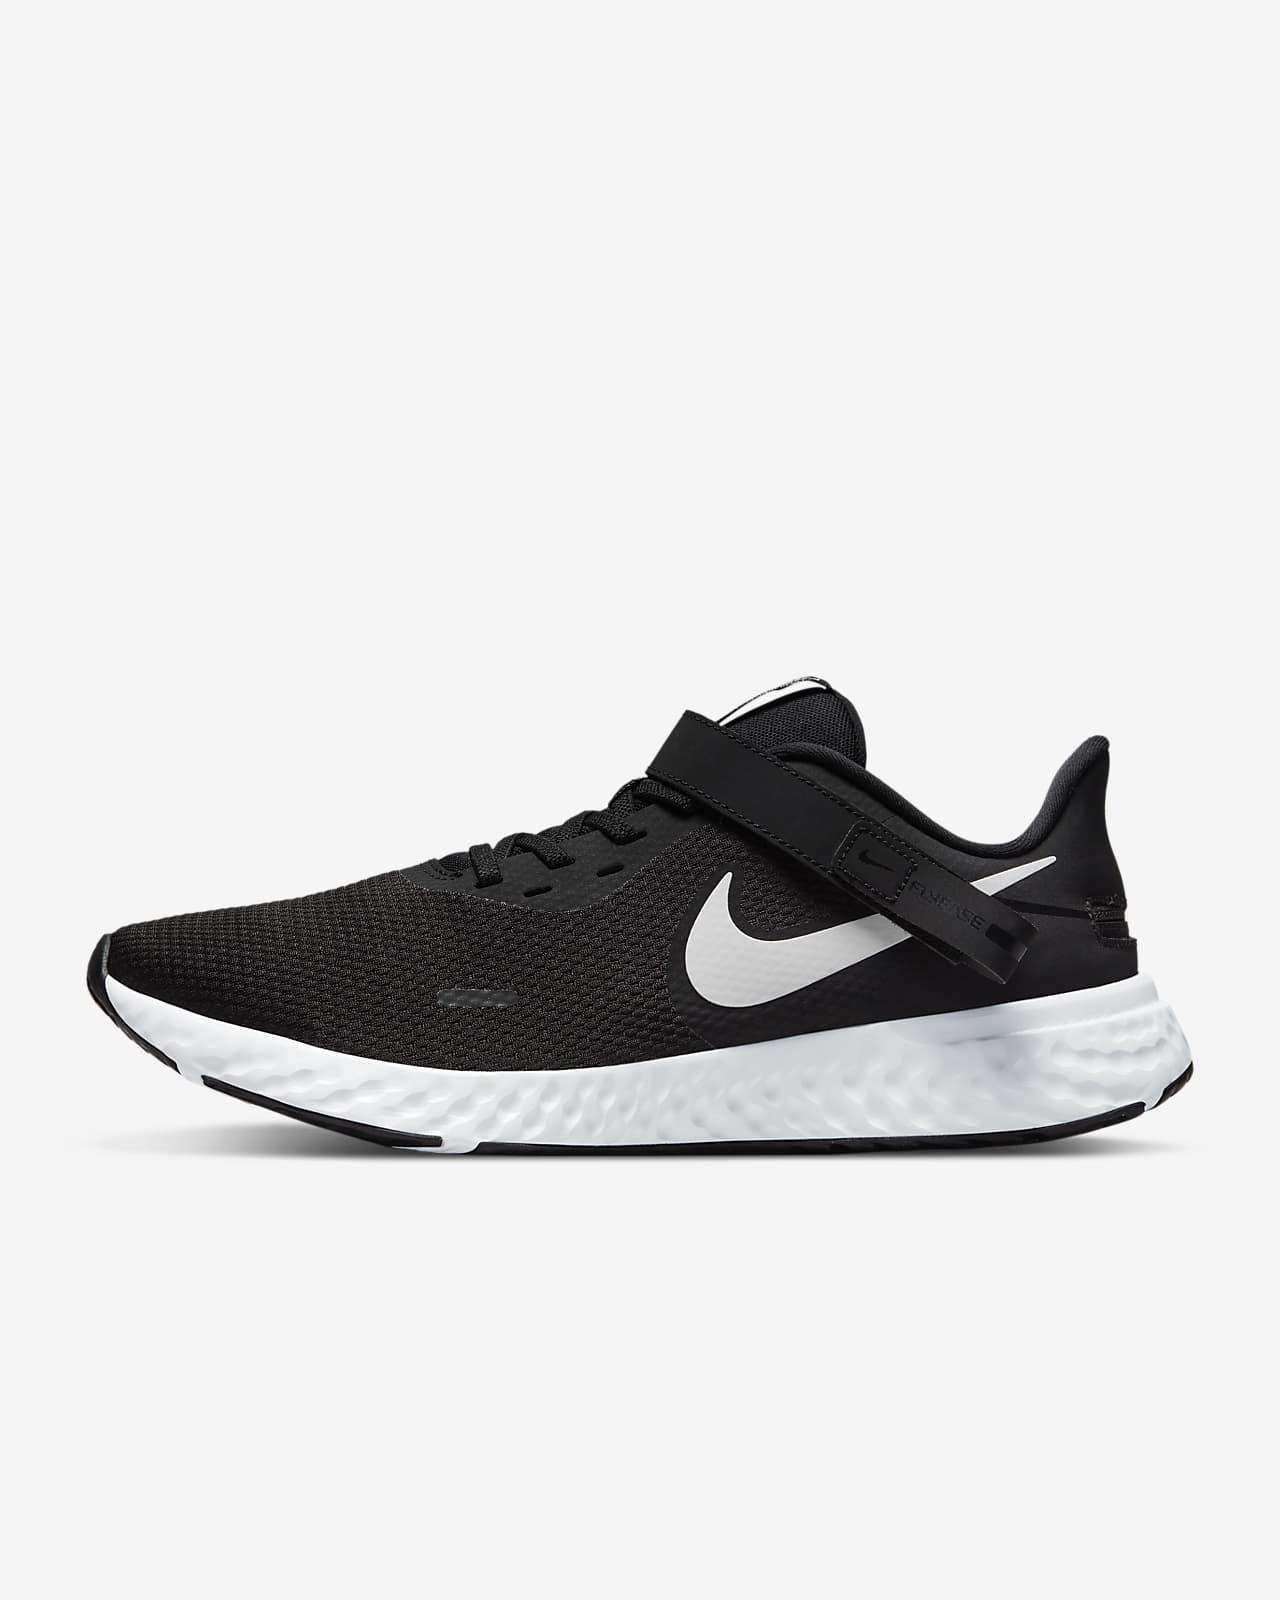 Calzado de running para carretera fácil de poner y quitar para hombre Nike Revolution 5 FlyEase